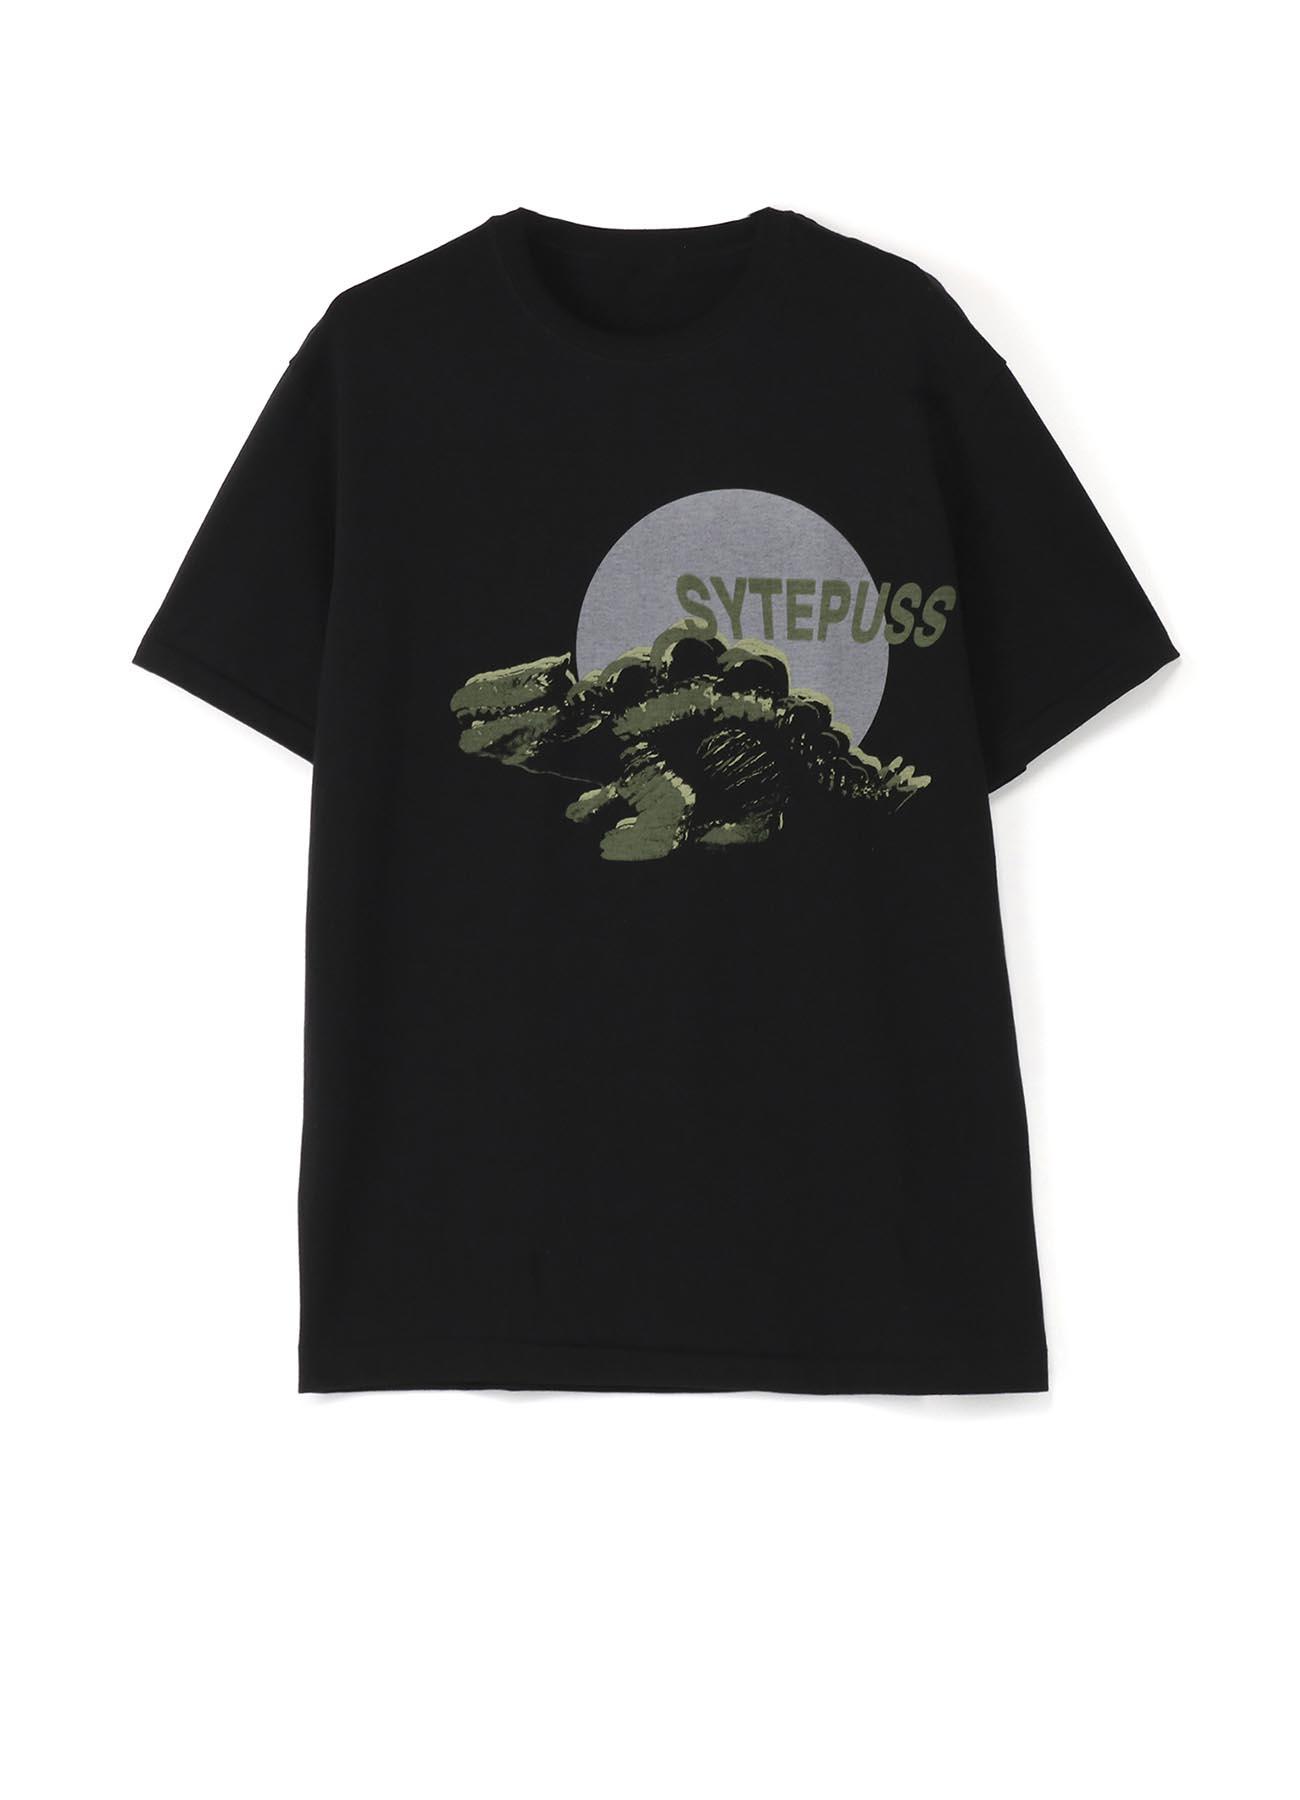 20/CottonJersey Soft Vinyl Monster SYTEPUSS T-Shirt